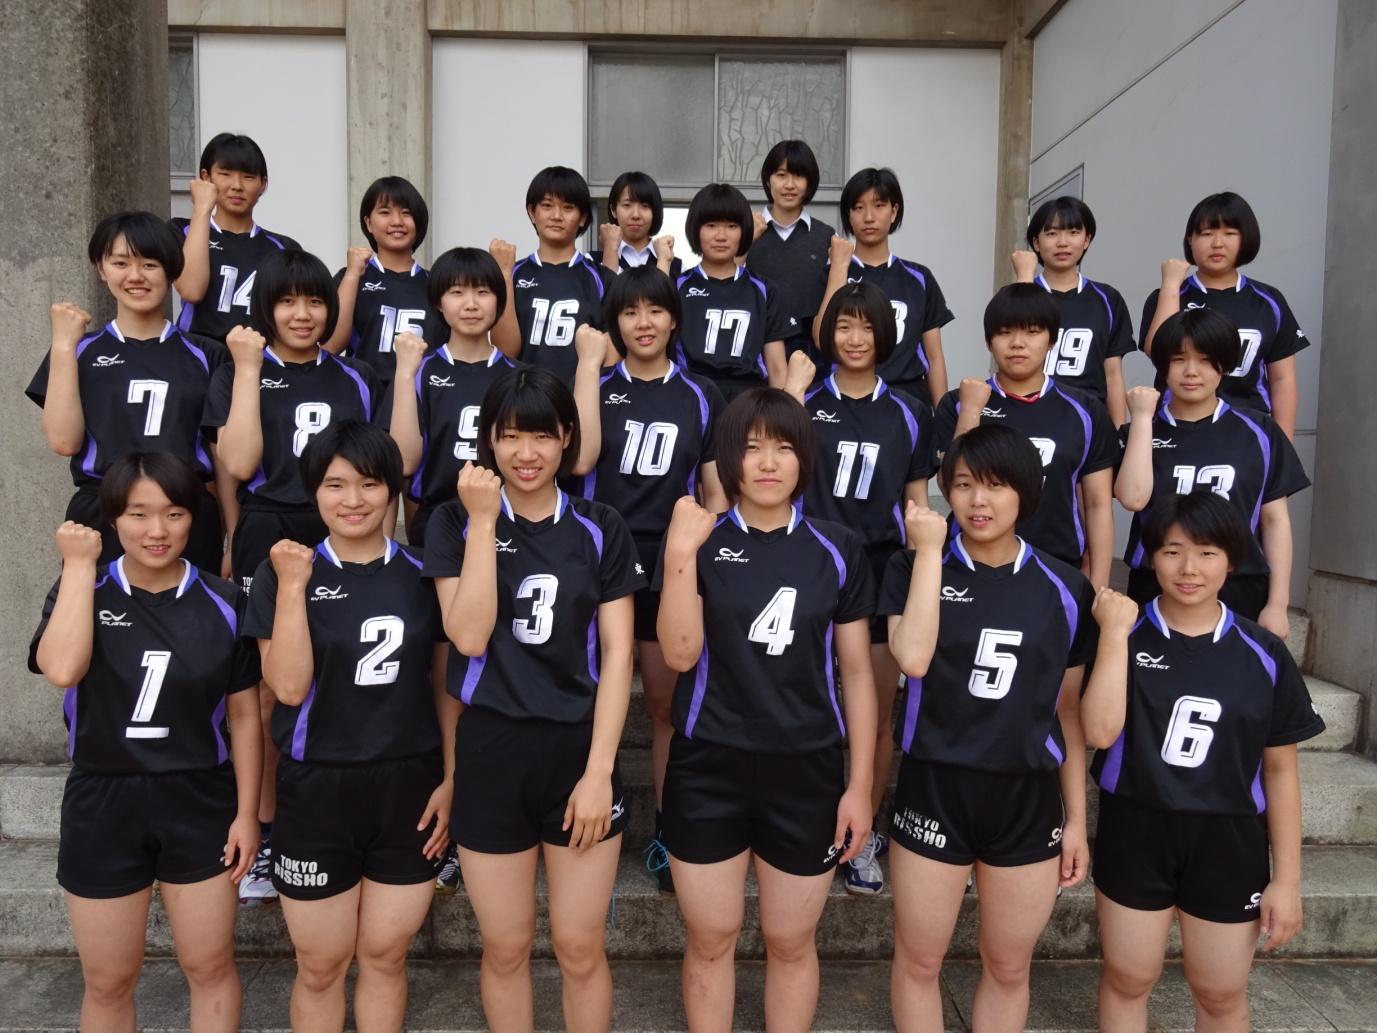 高校女子バレーボール部